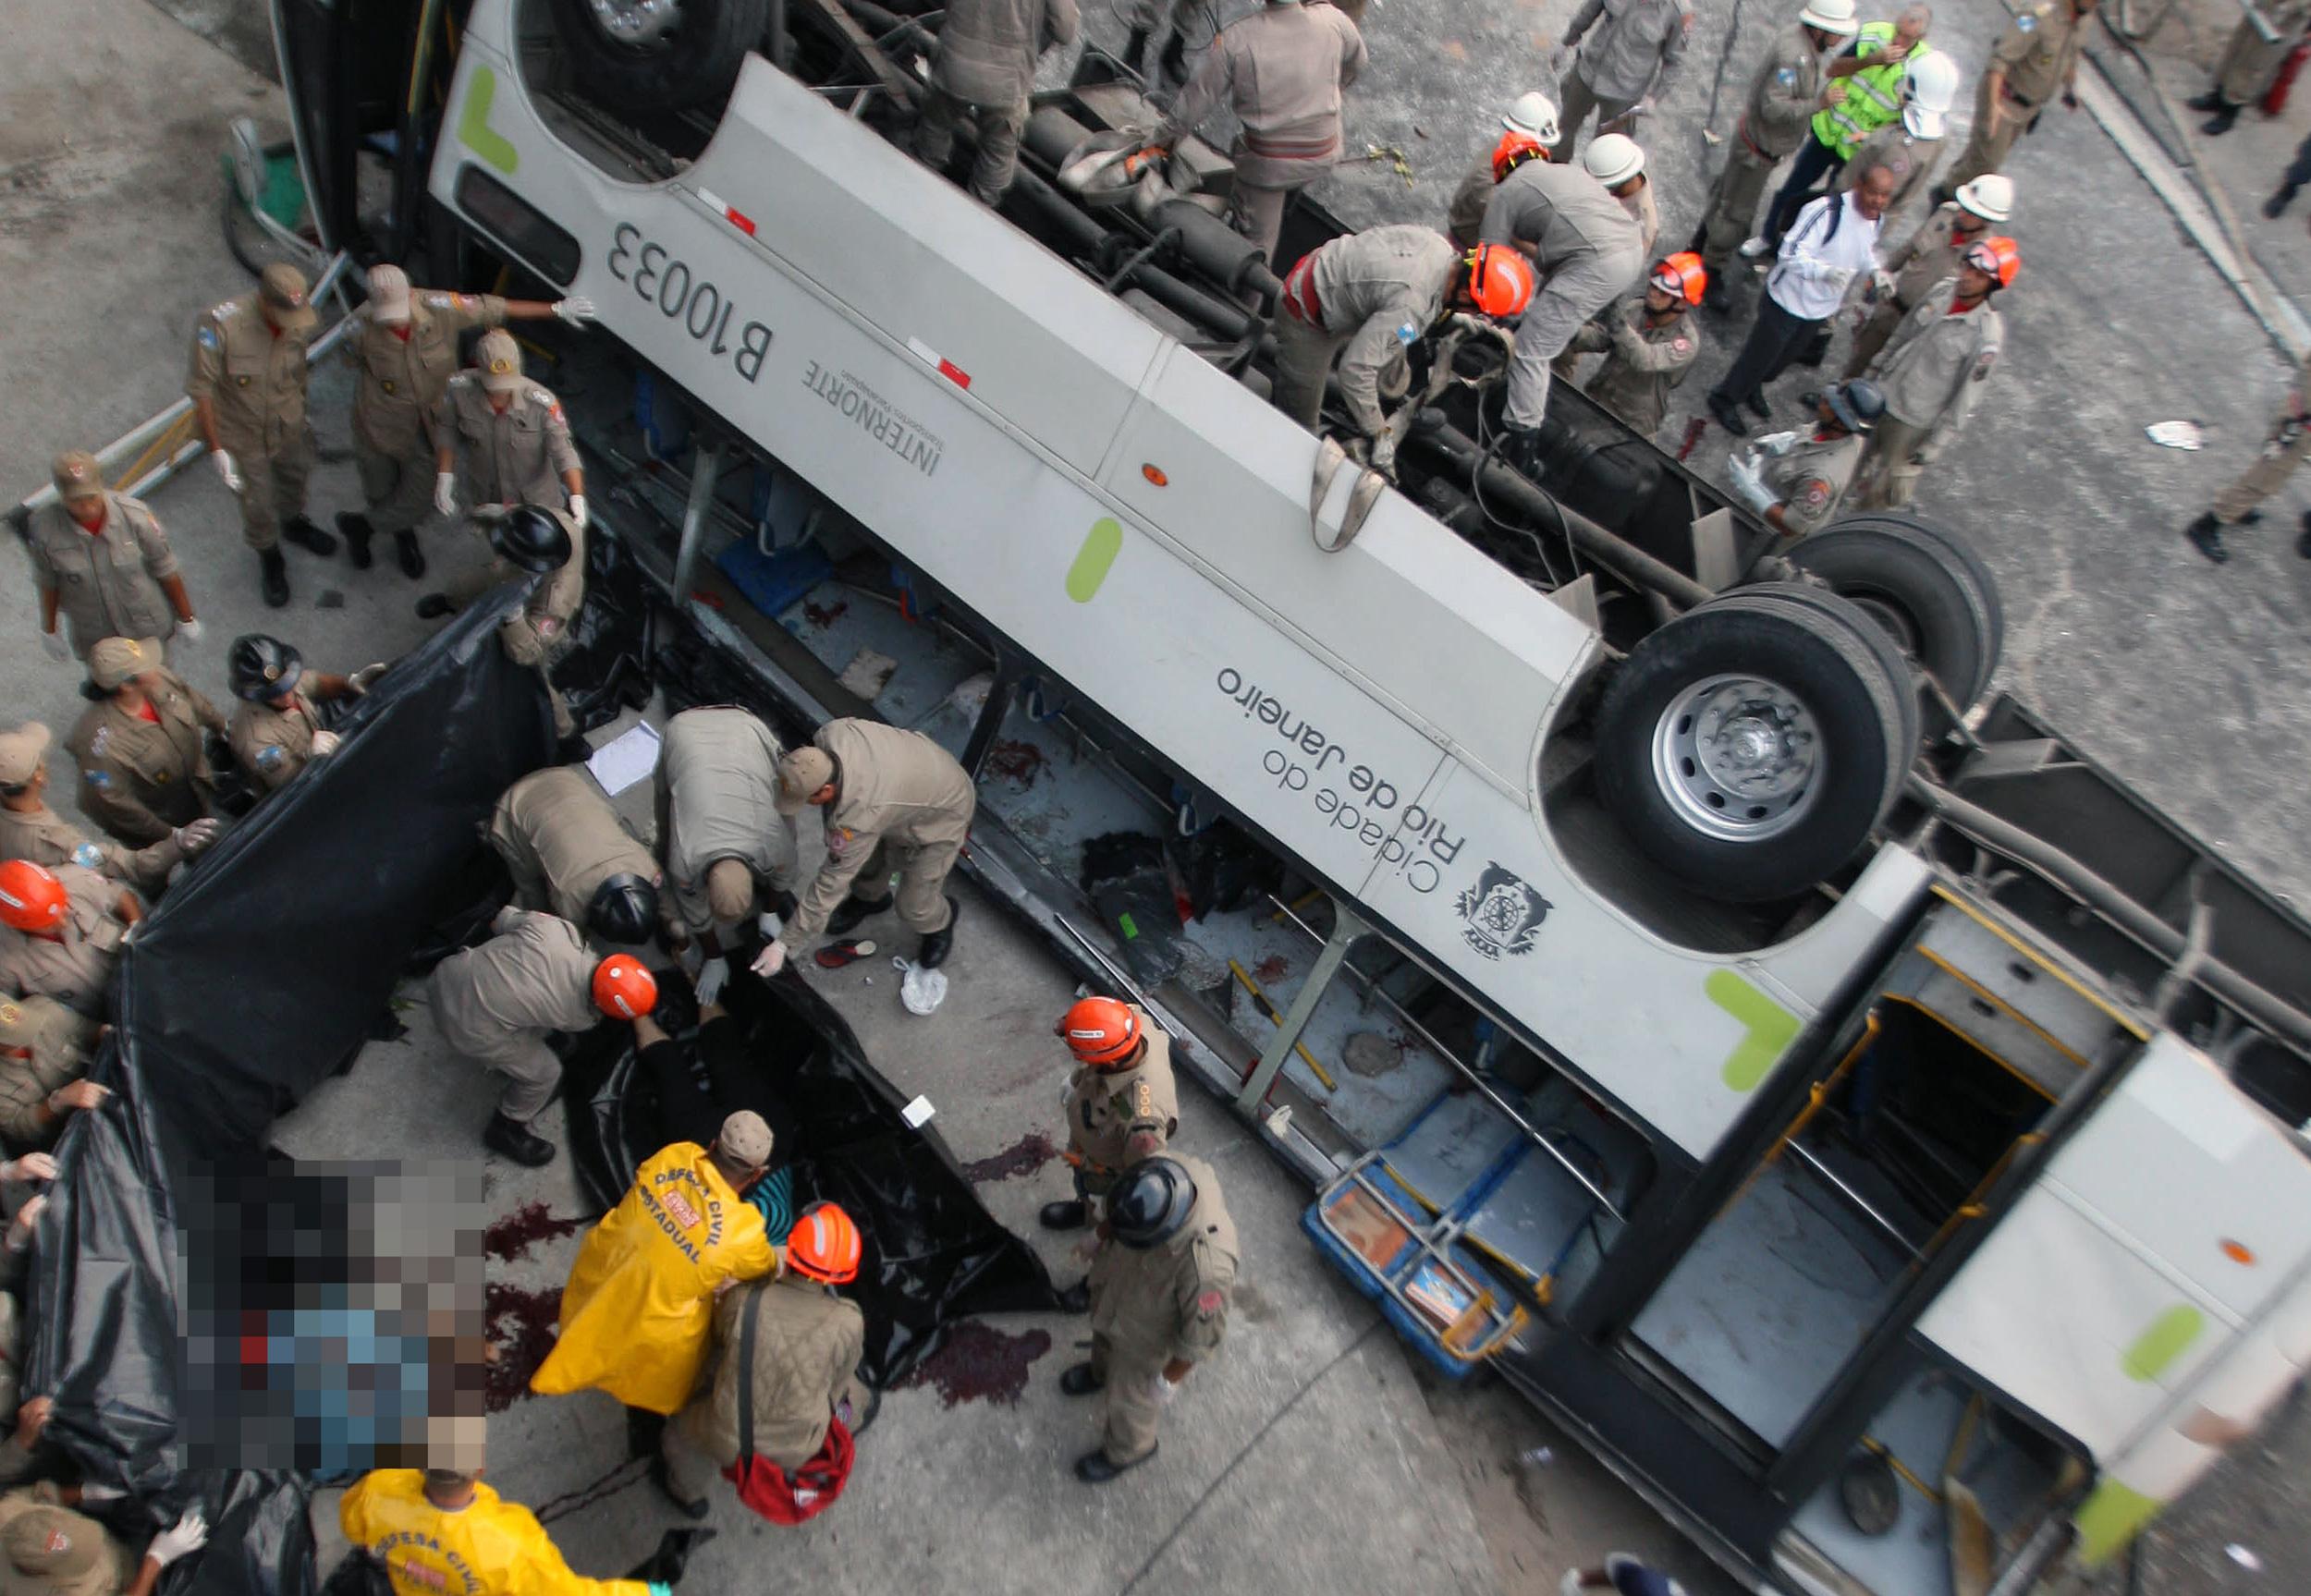 Bombeiros cariocas resgatam vítimas de acidente de trânsito. Em 2013, um ônibus caiu de uma ponte de 15 metros.